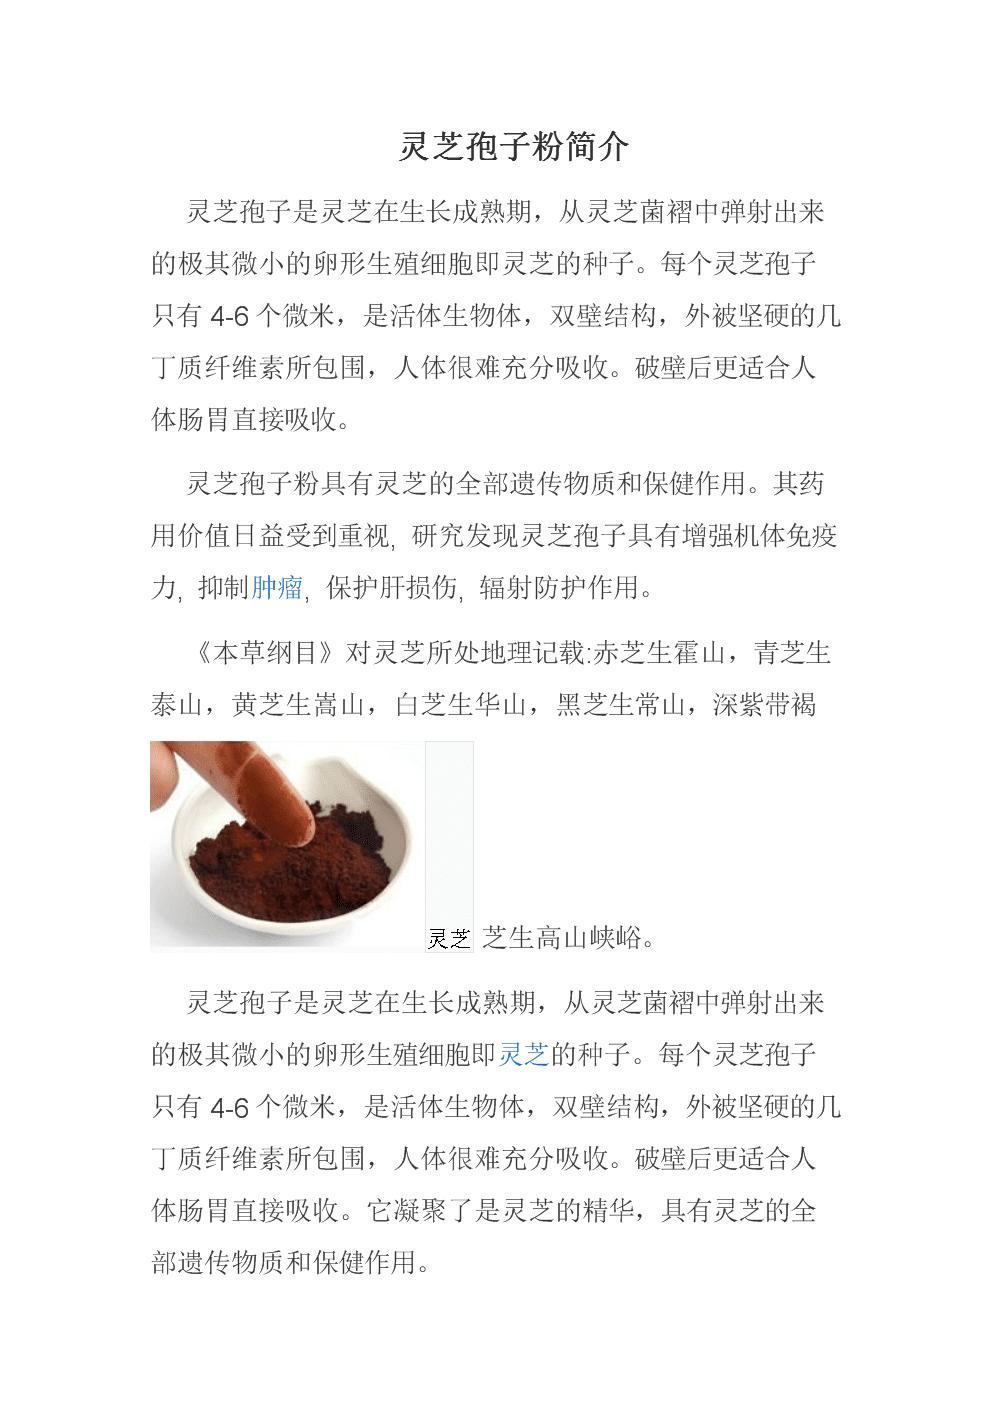 灵芝孢子粉简介.doc